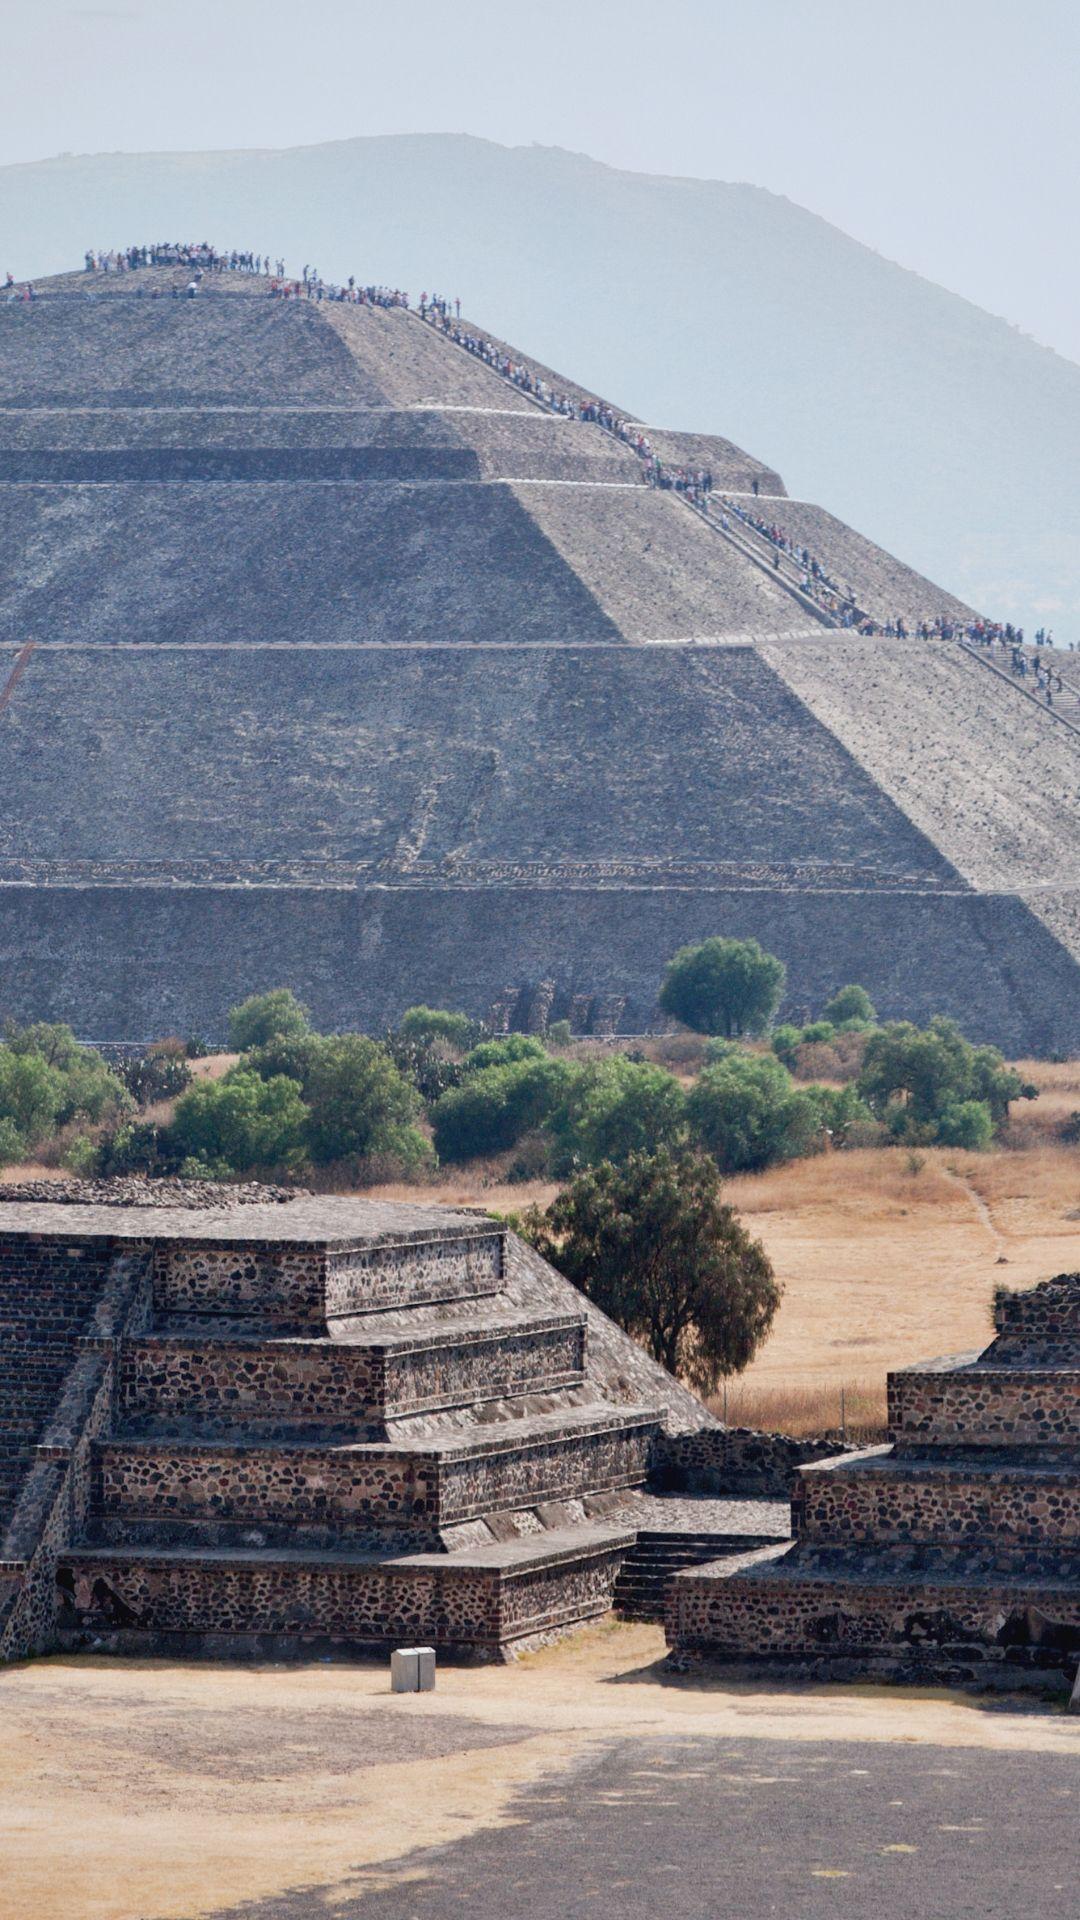 Vista da Pirâmide do Sol em Teotihuacan